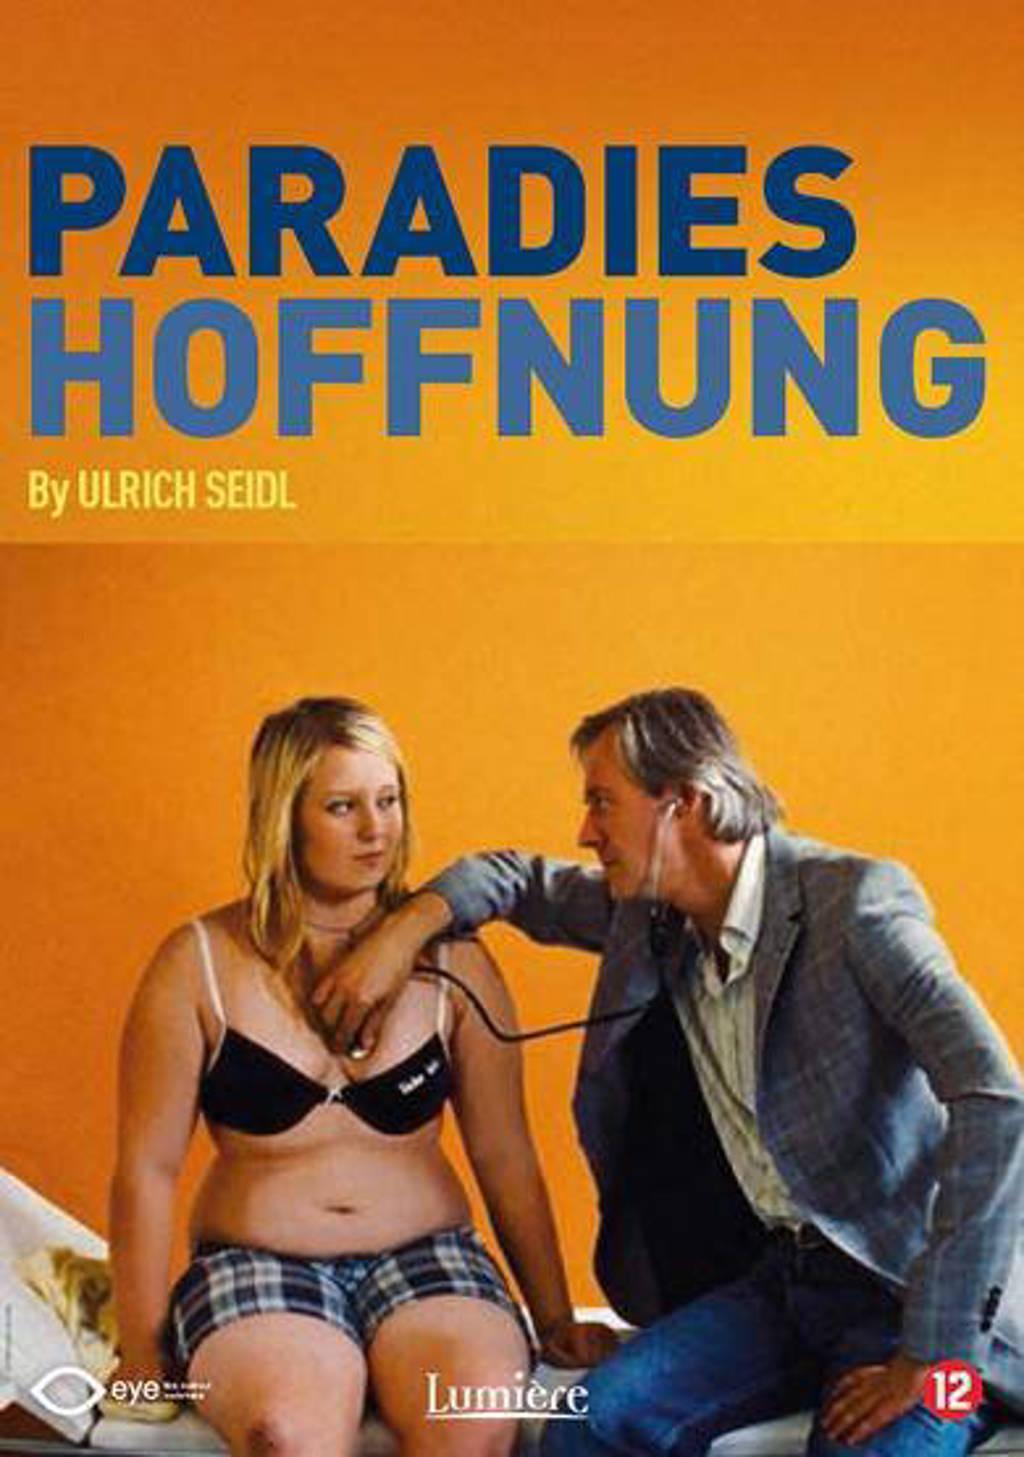 Paradies hoffnung (DVD)